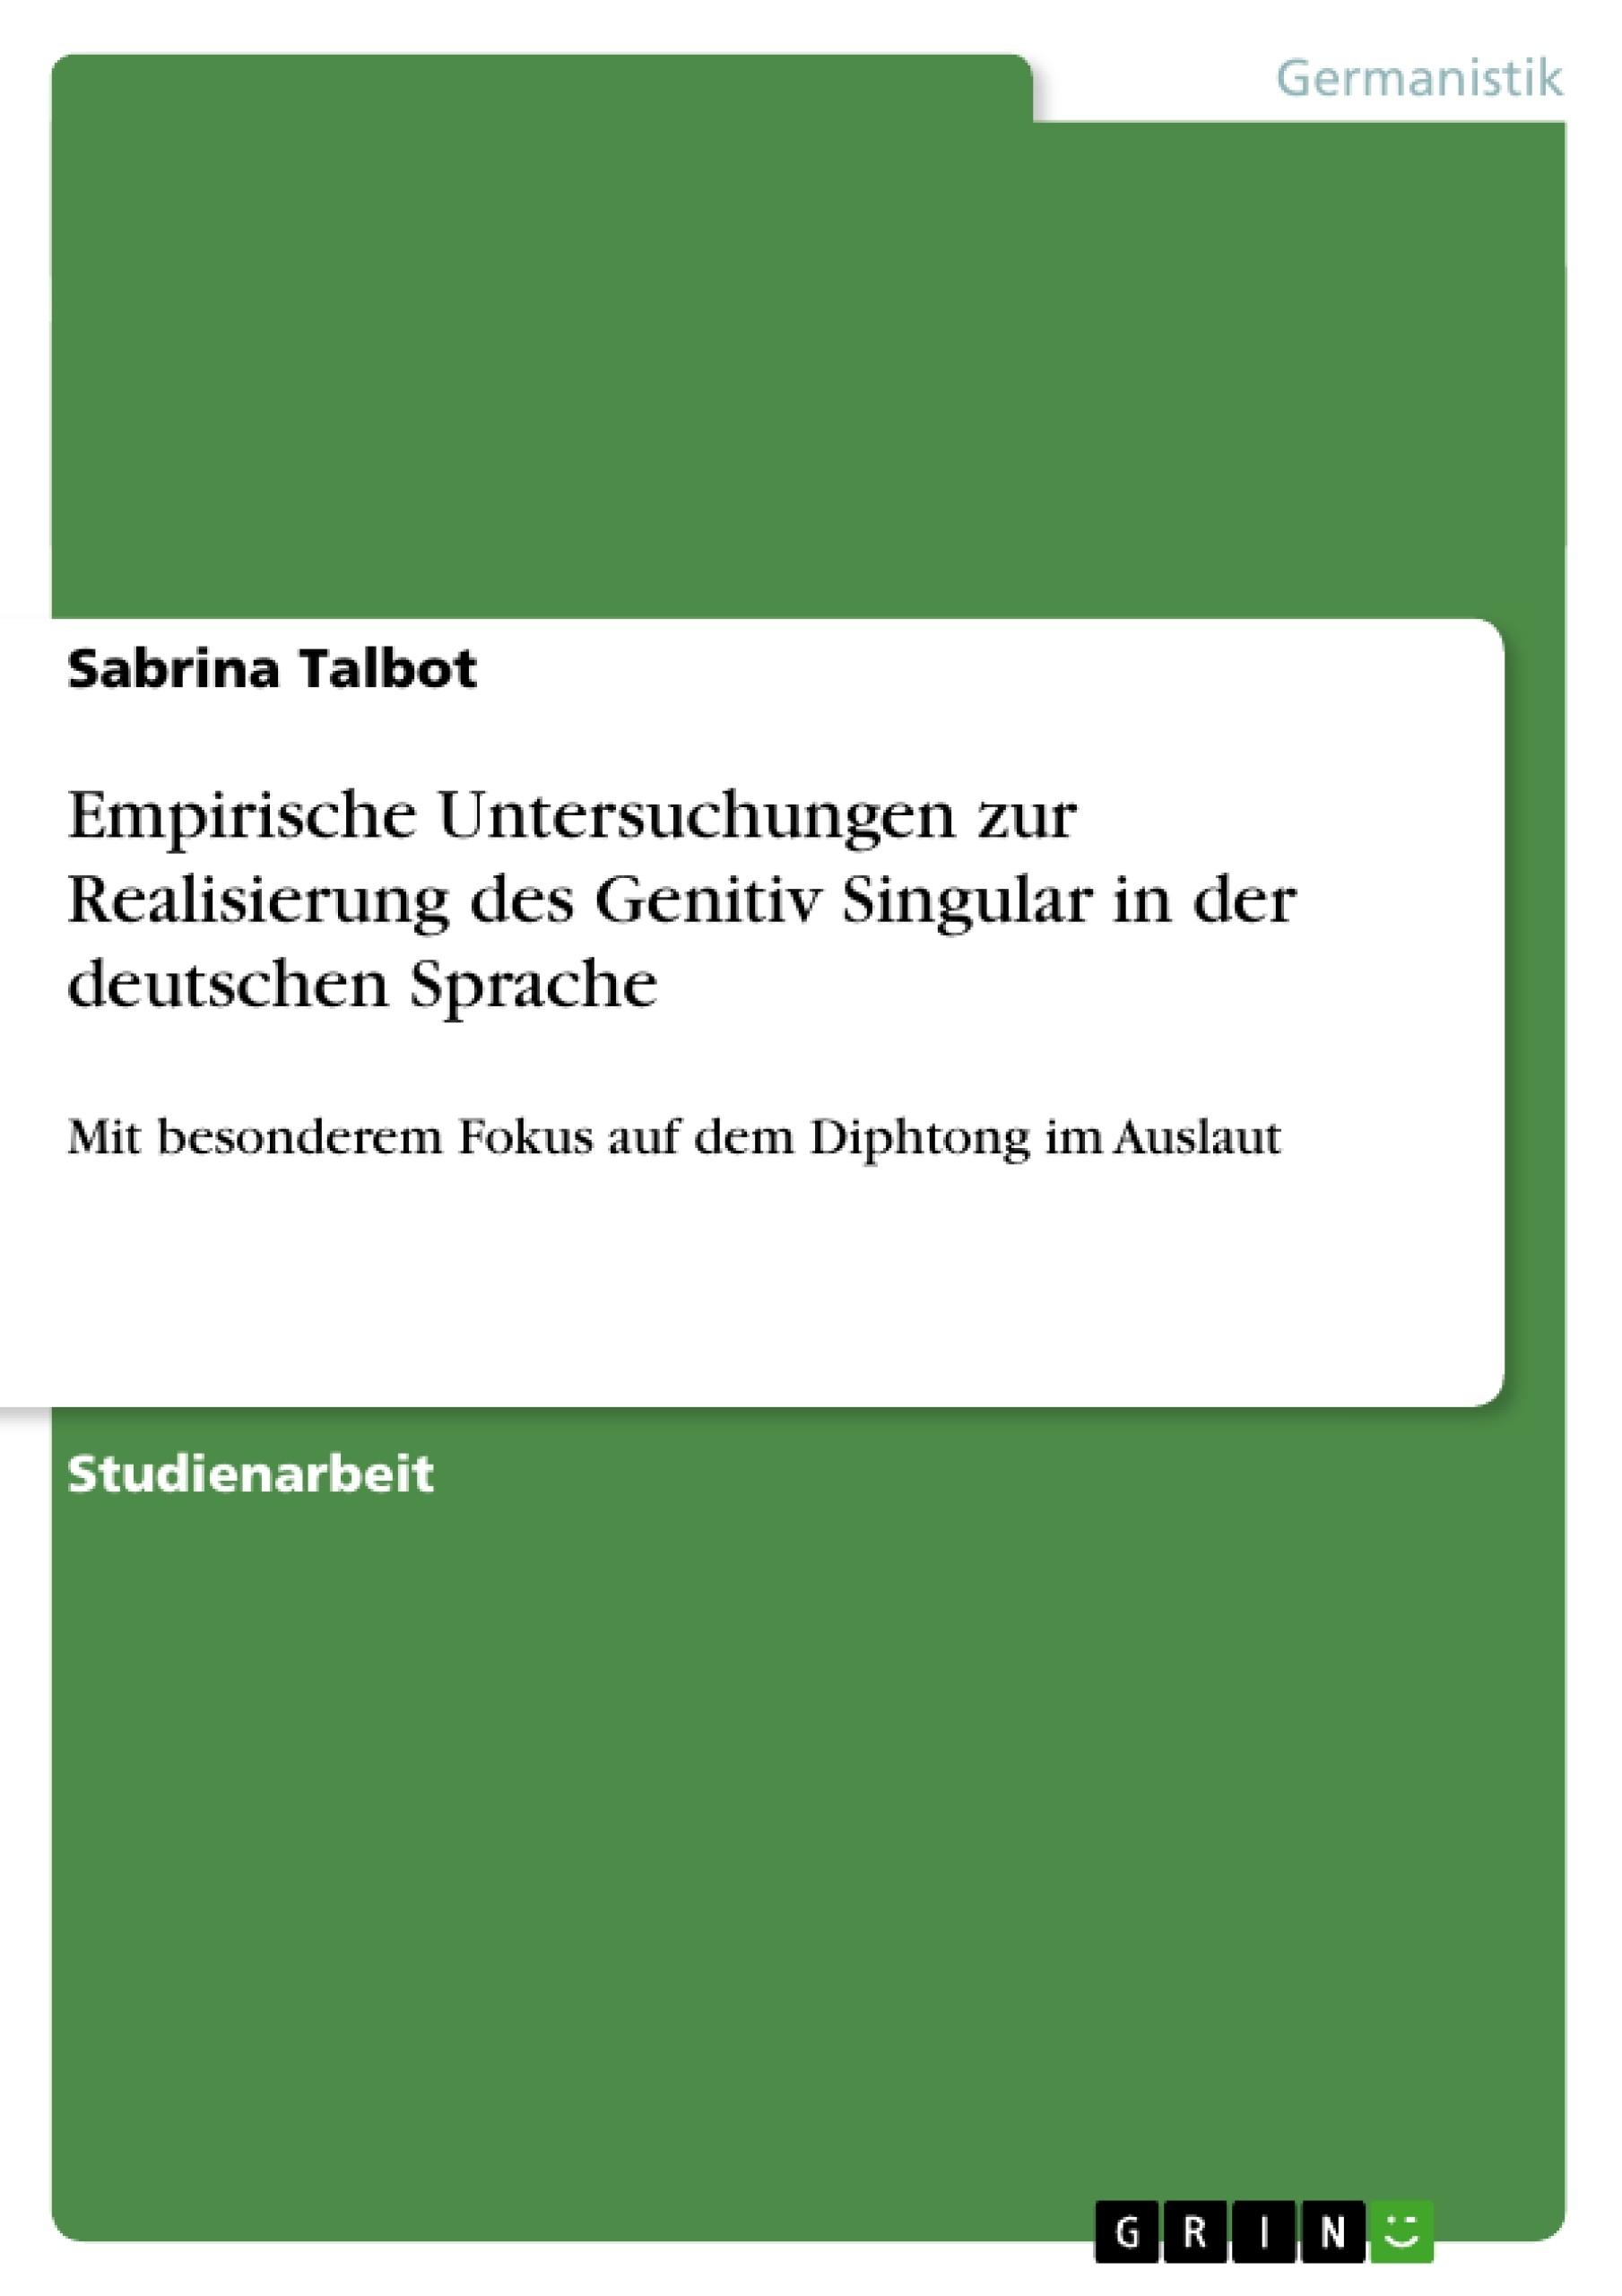 Titel: Empirische Untersuchungen zur Realisierung des Genitiv Singular in der deutschen Sprache